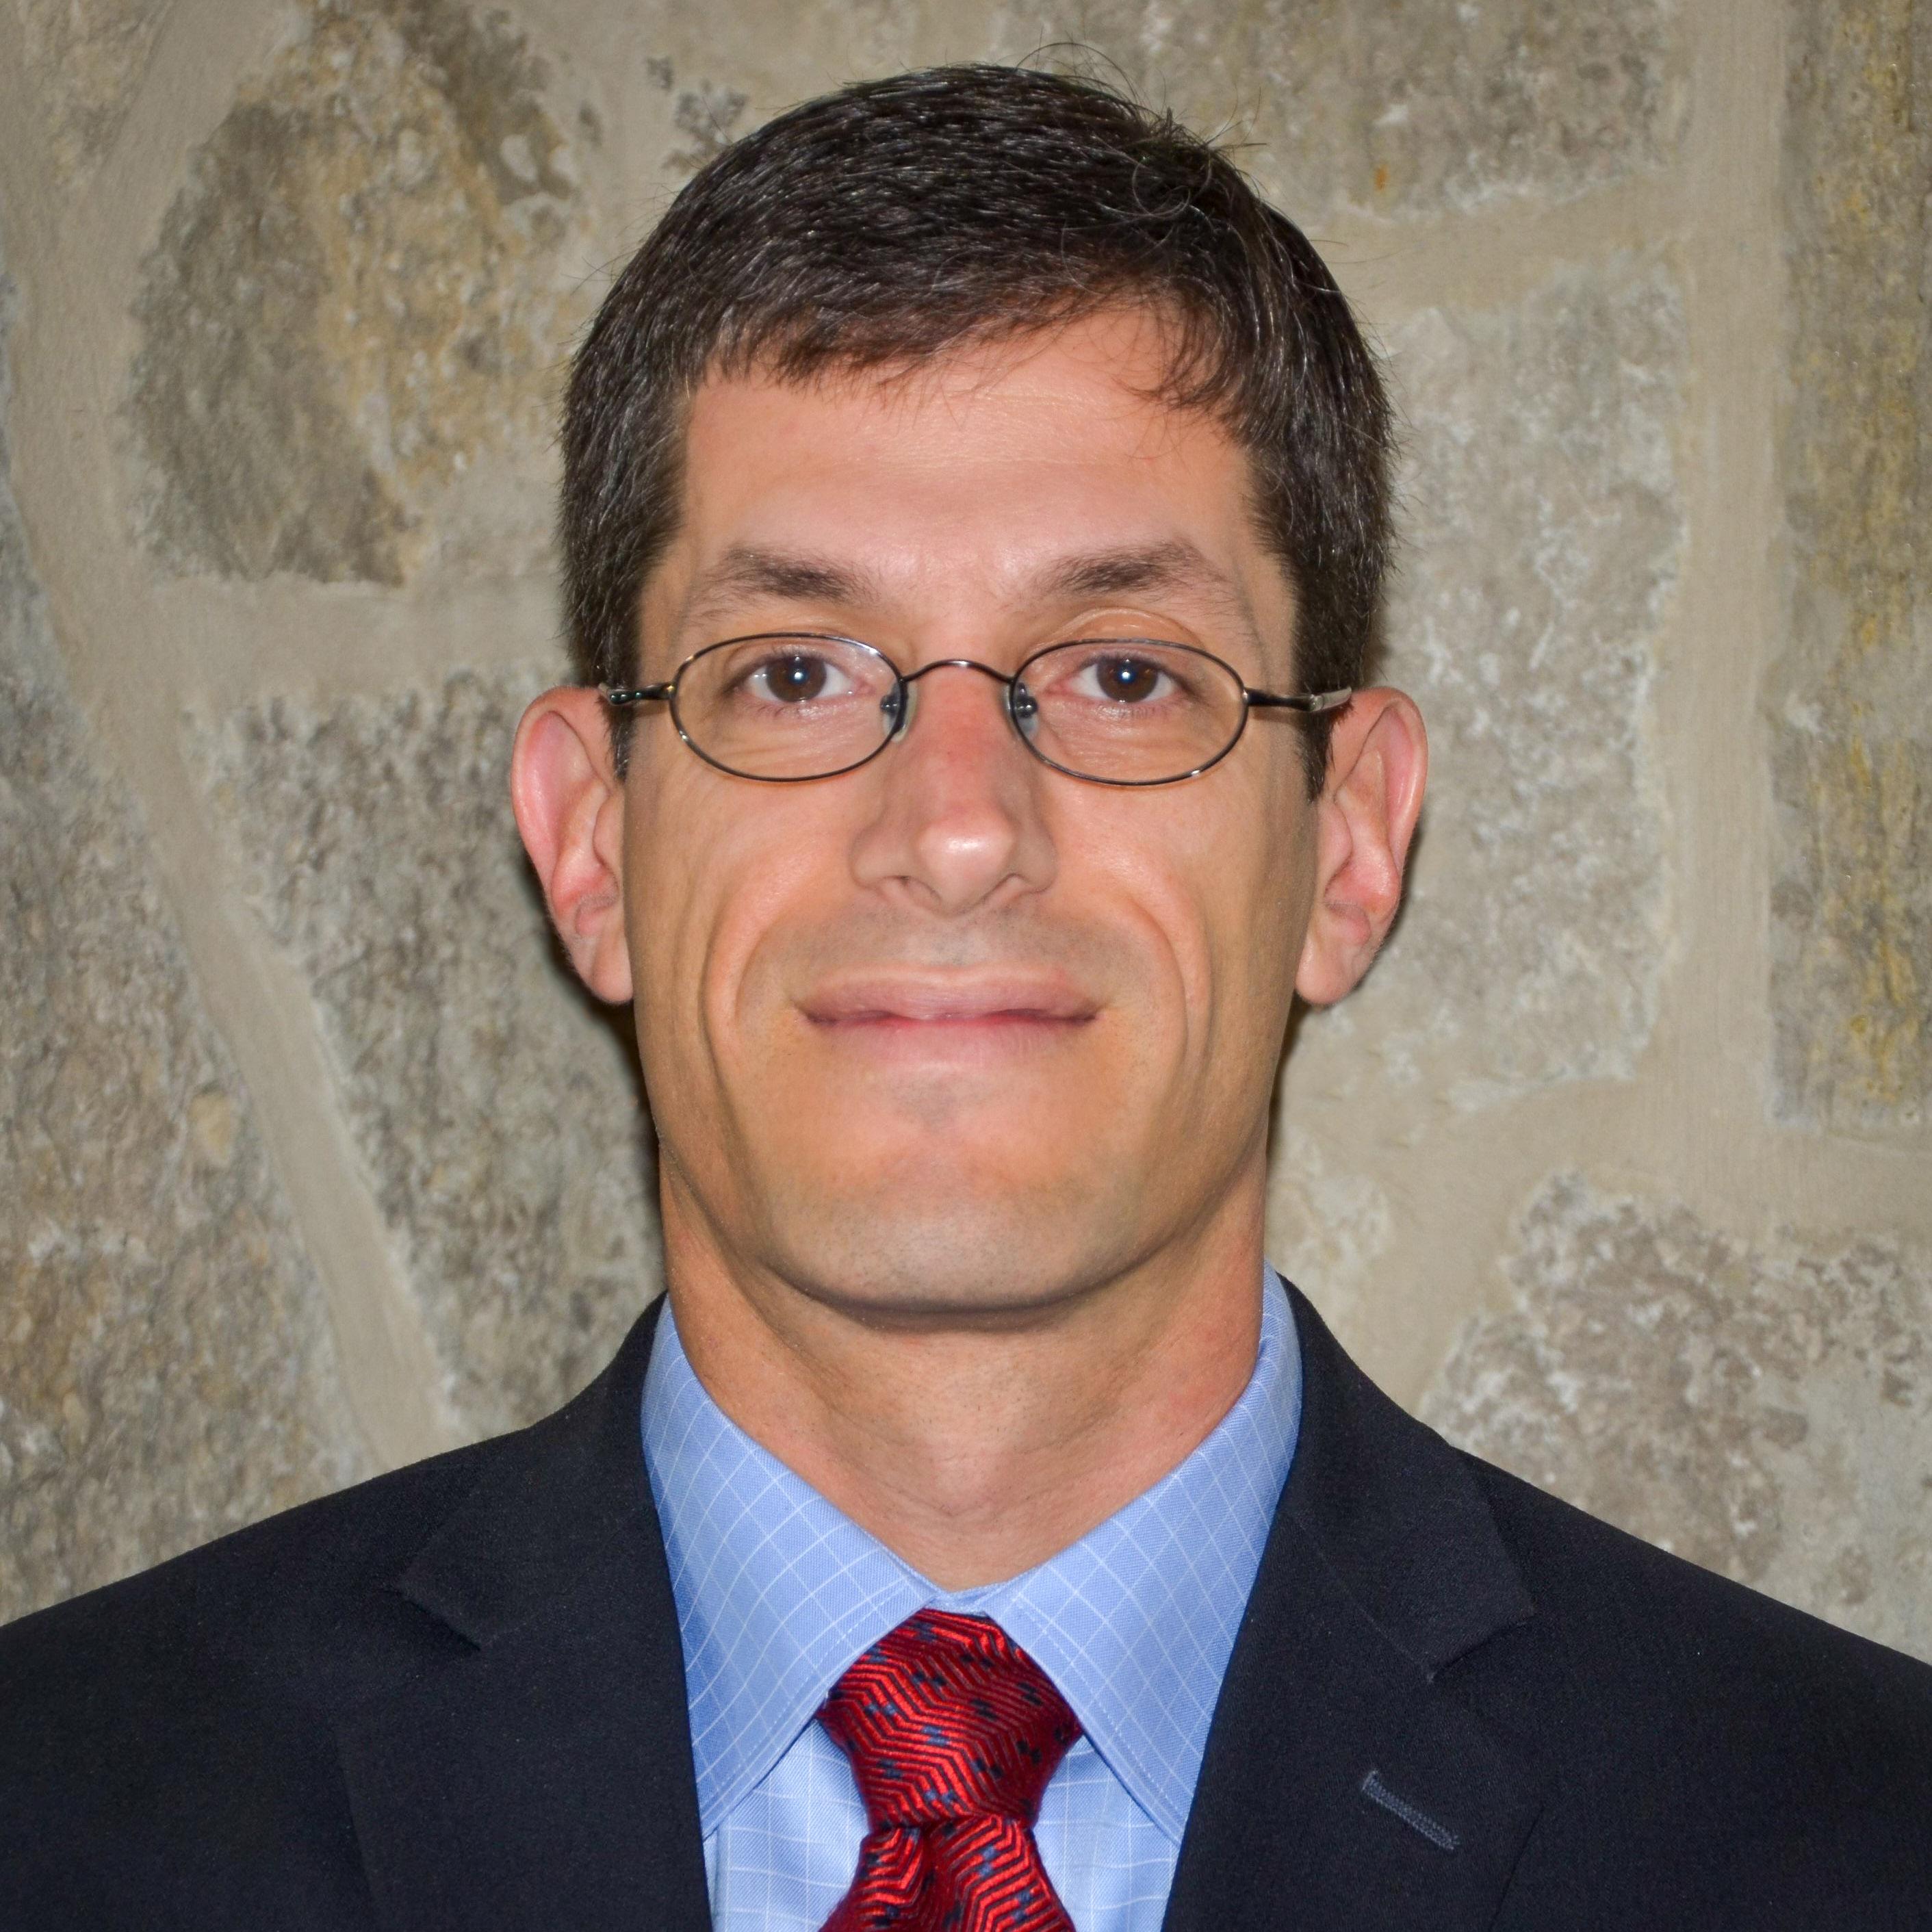 Joel Braunstein